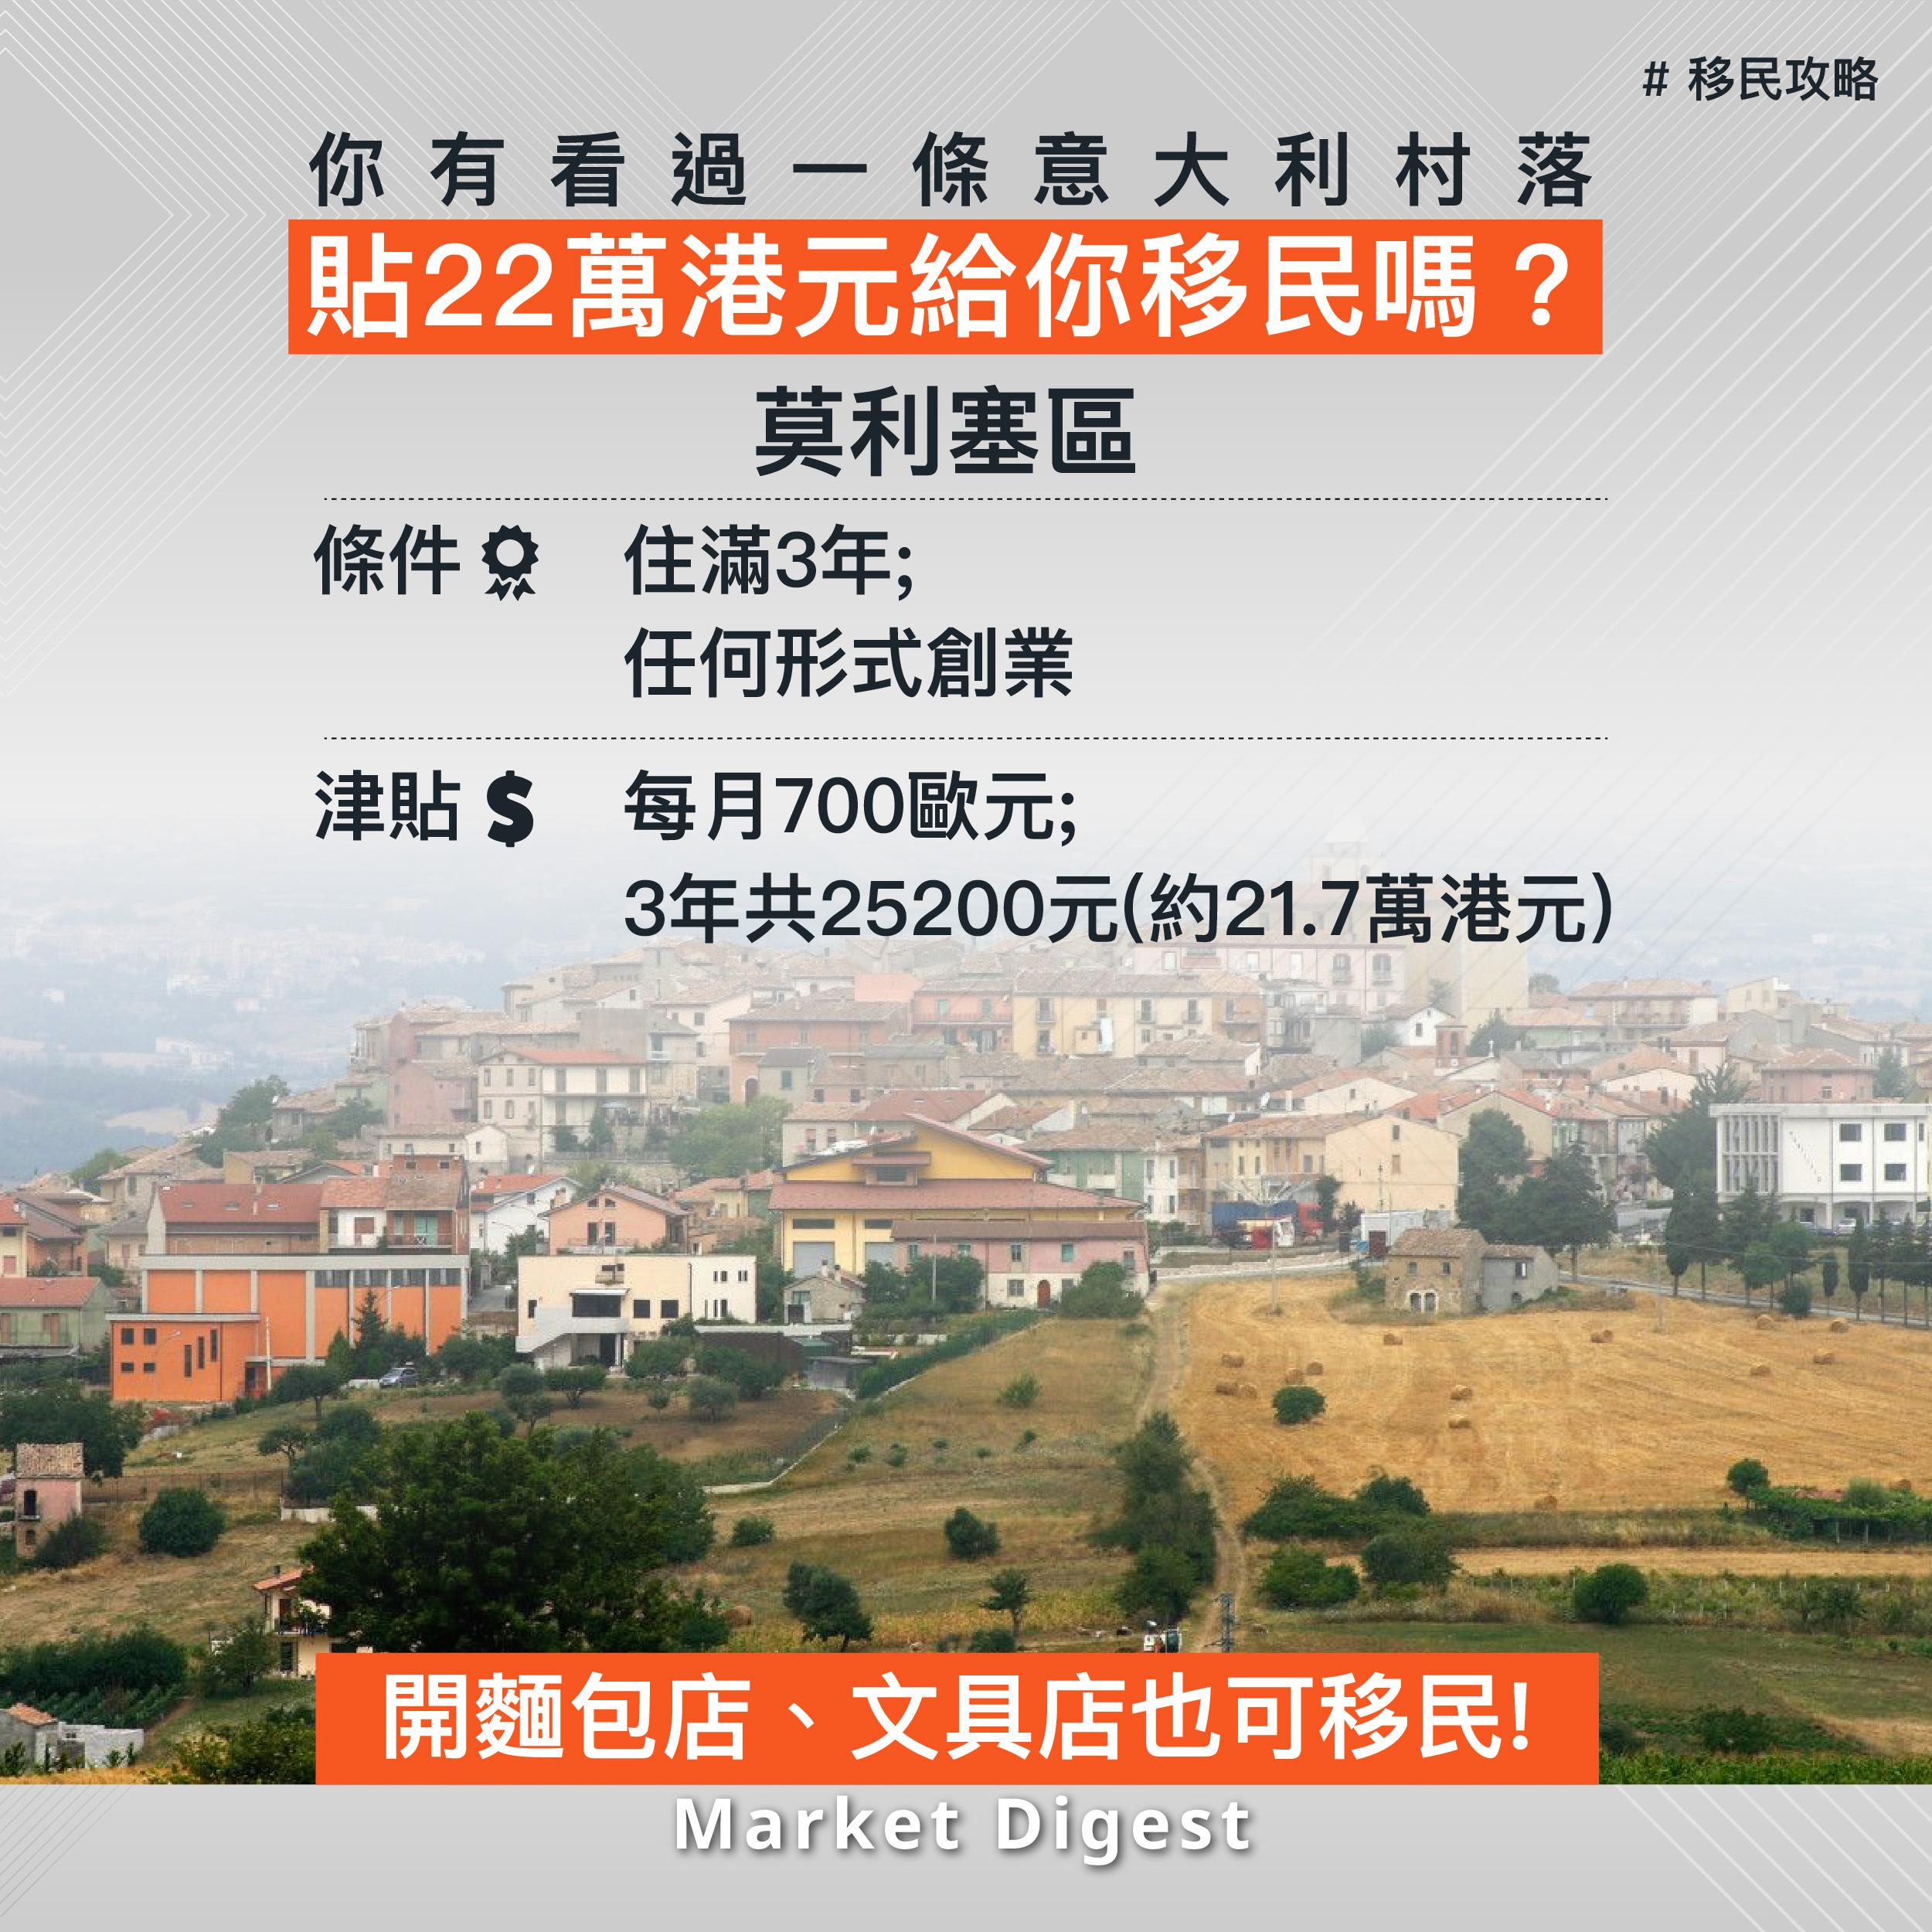 【移民攻略】你有看過一條意大利村落貼22萬港元給你移民嗎?